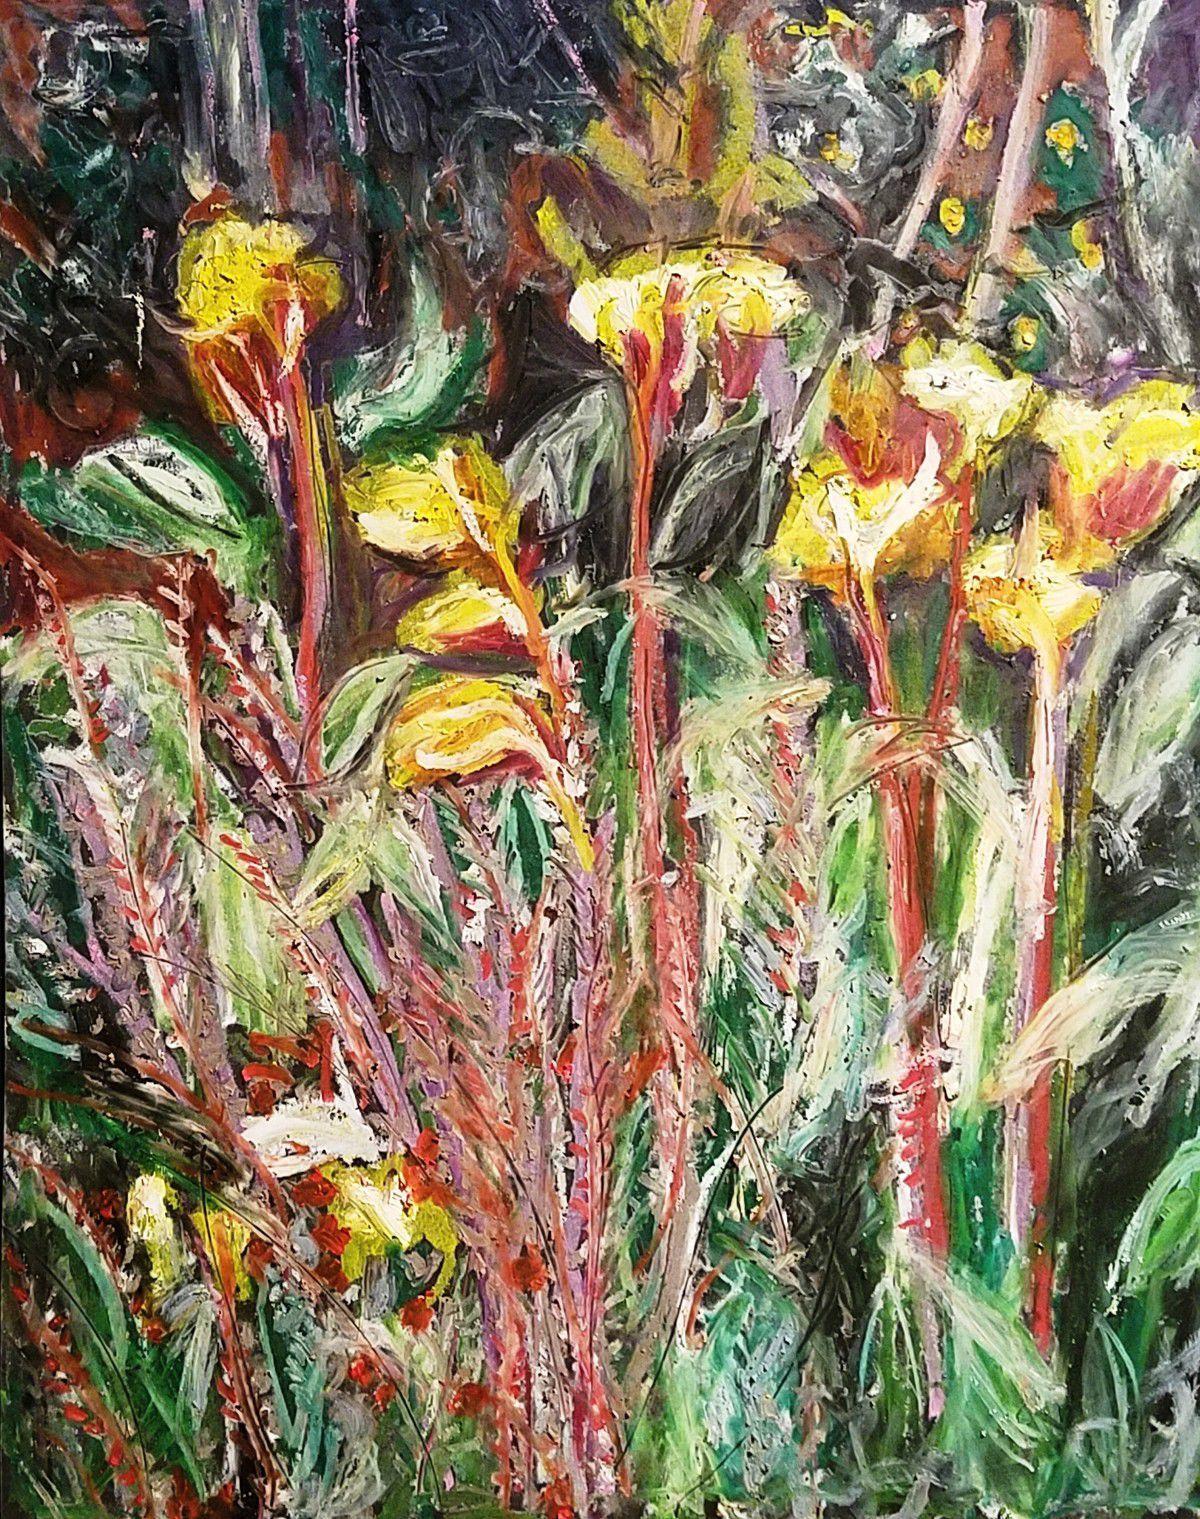 Corby Skinner artwork